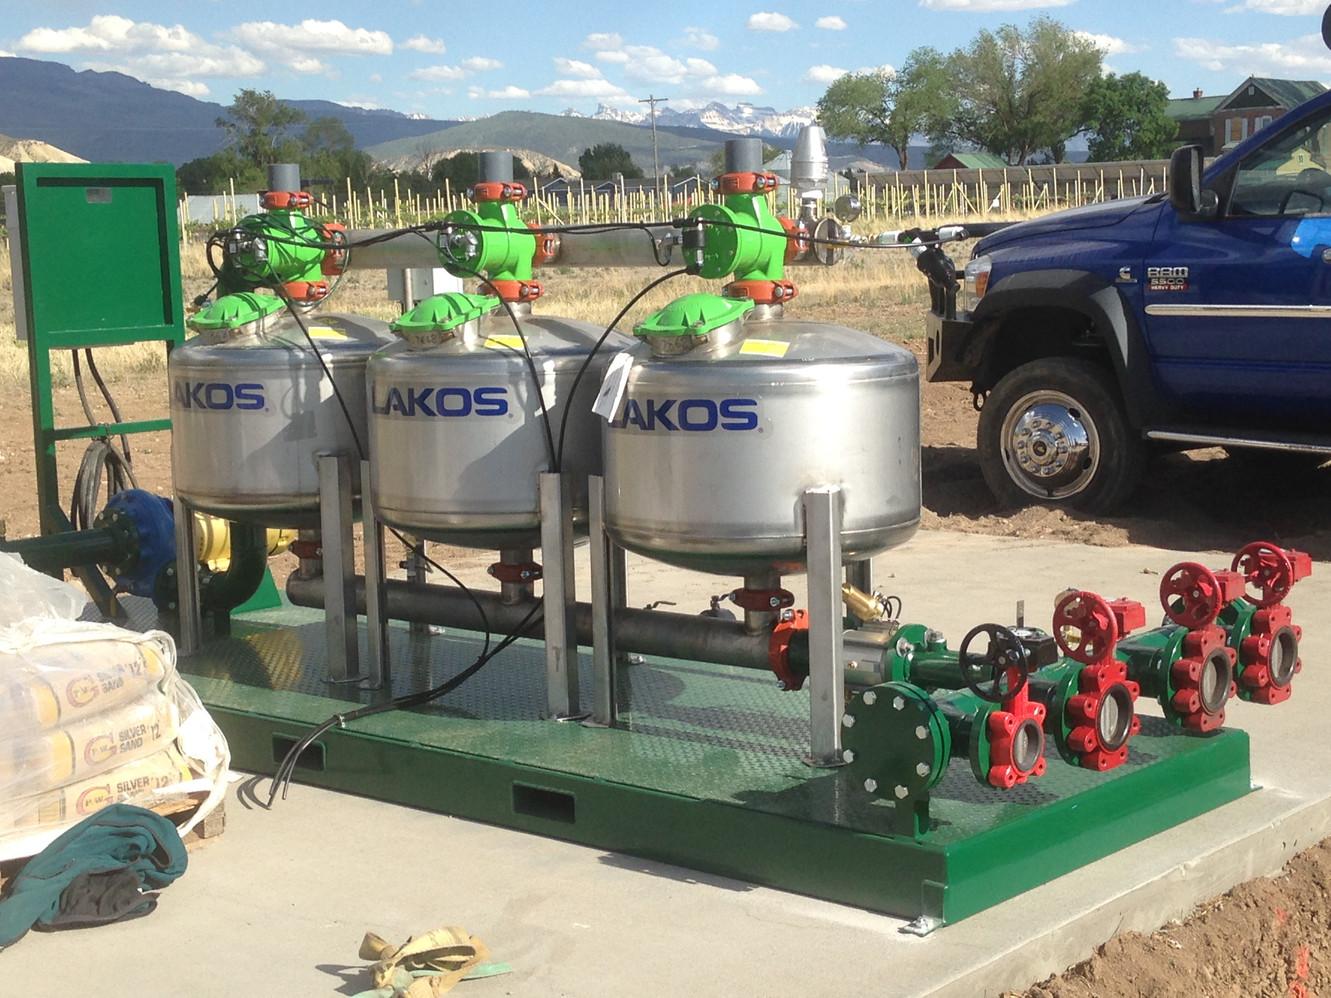 Irrigation filtration system!